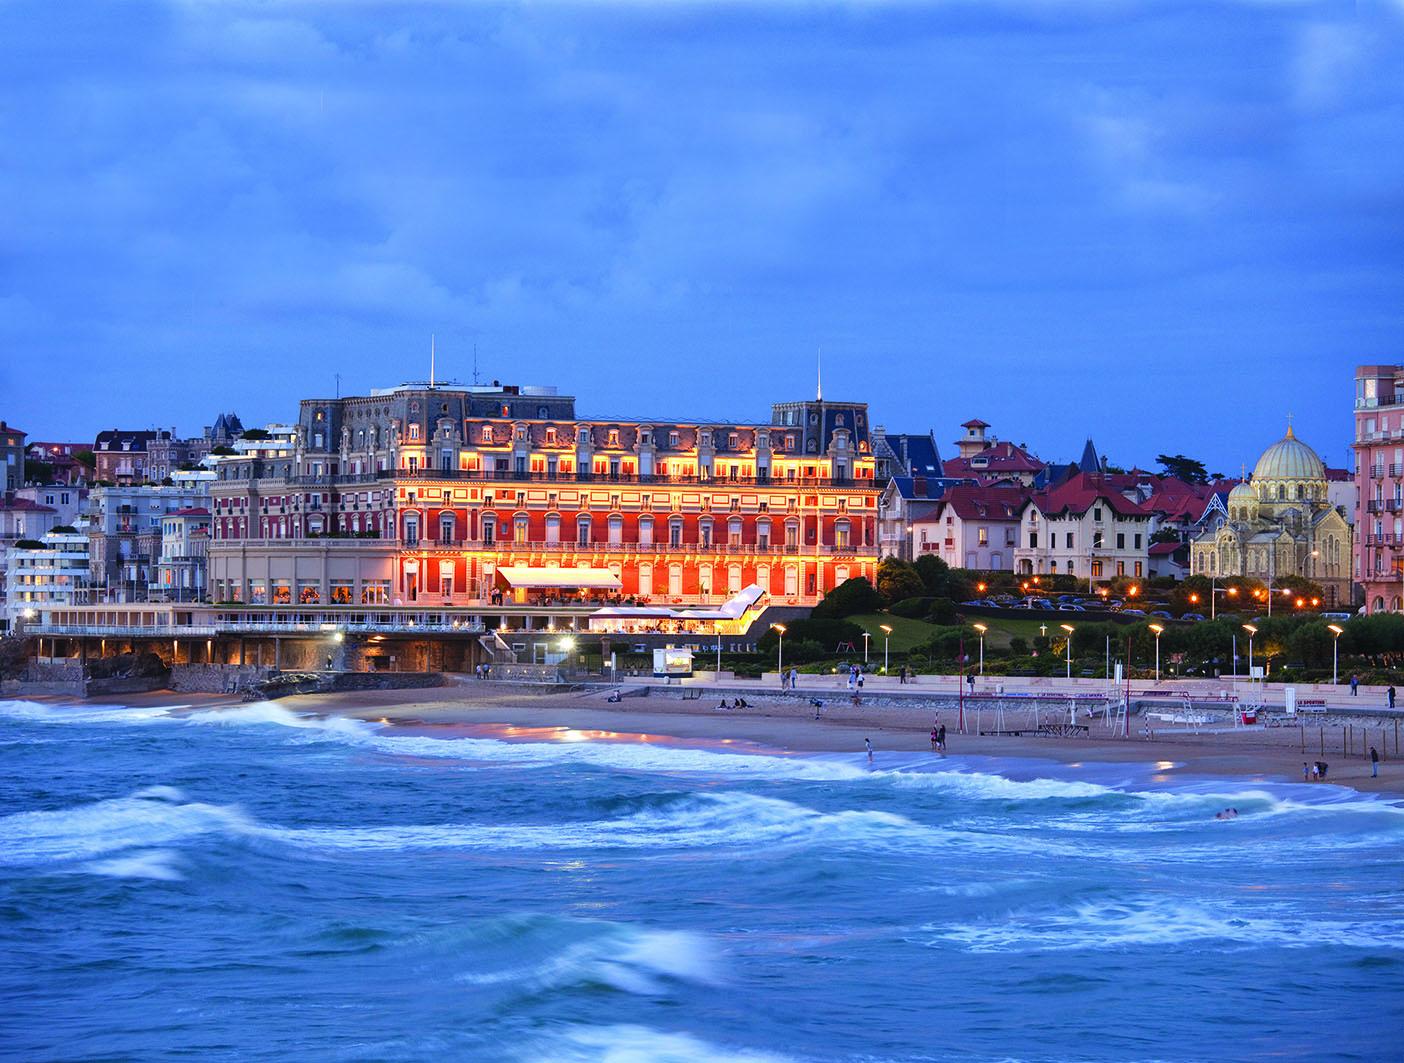 mybusinessevent-séminaire et congrès - réunion evenement à biarritz-6